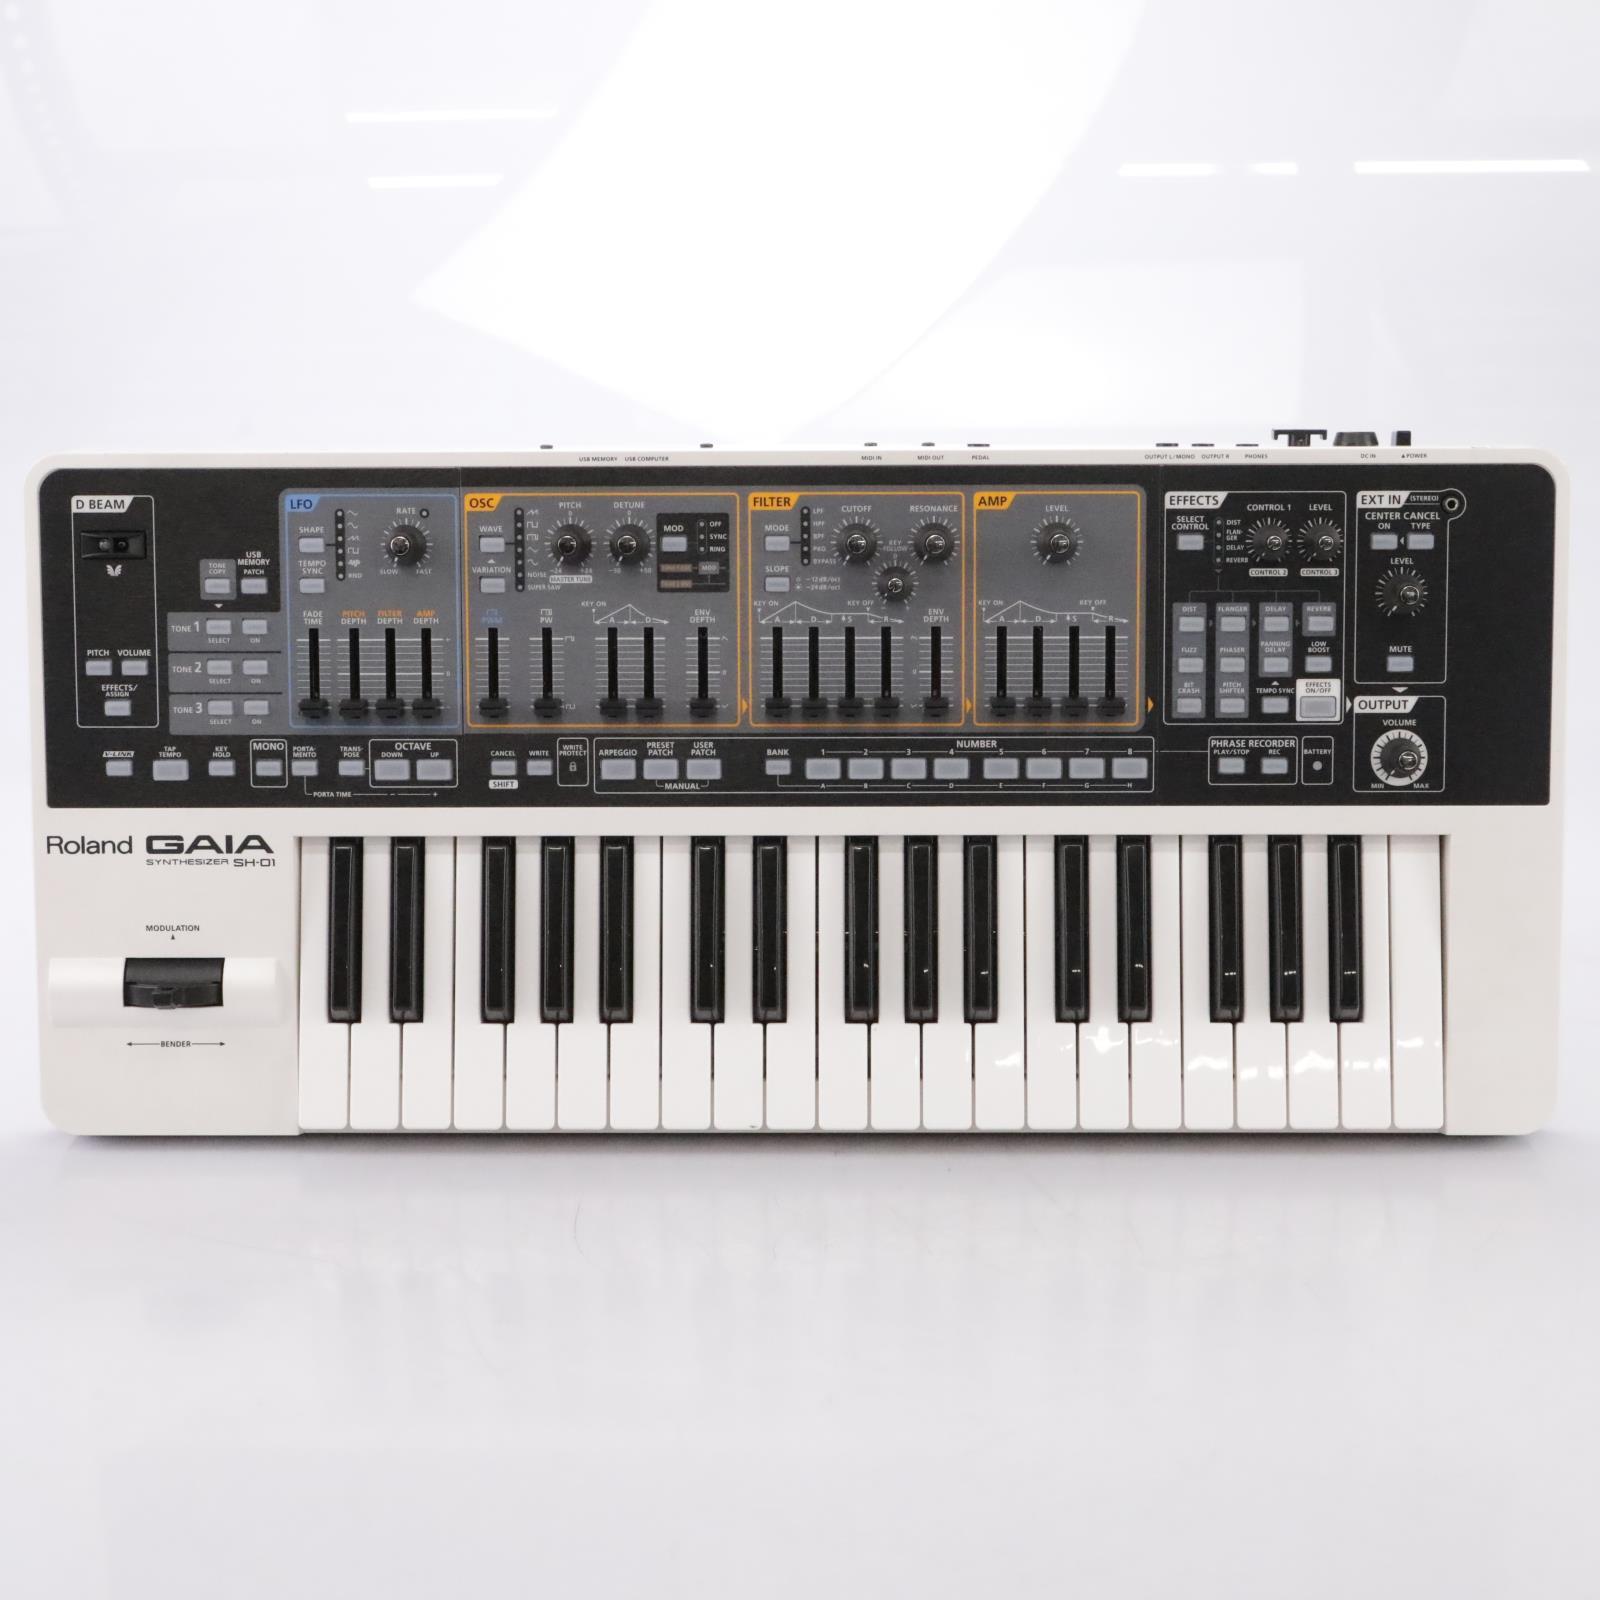 Roland GAIA SH-01 37-Key Virtual Analog Synthesizer #44009